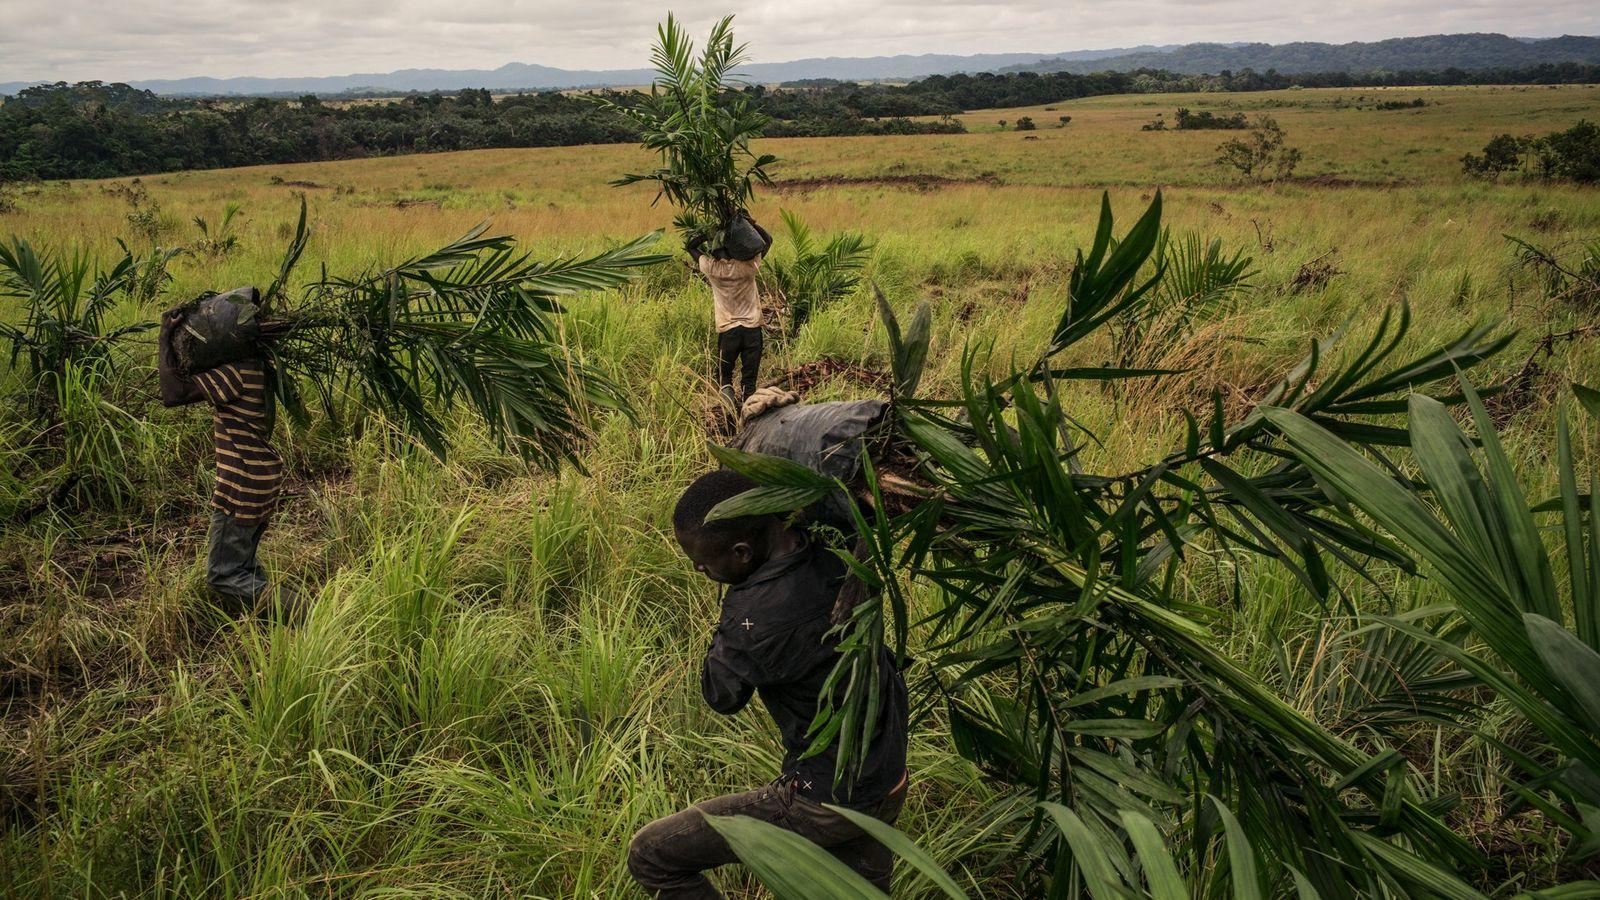 La savane occupait naguère plus de la moitié de la plantation de Mouila (gérée par Olam), ...